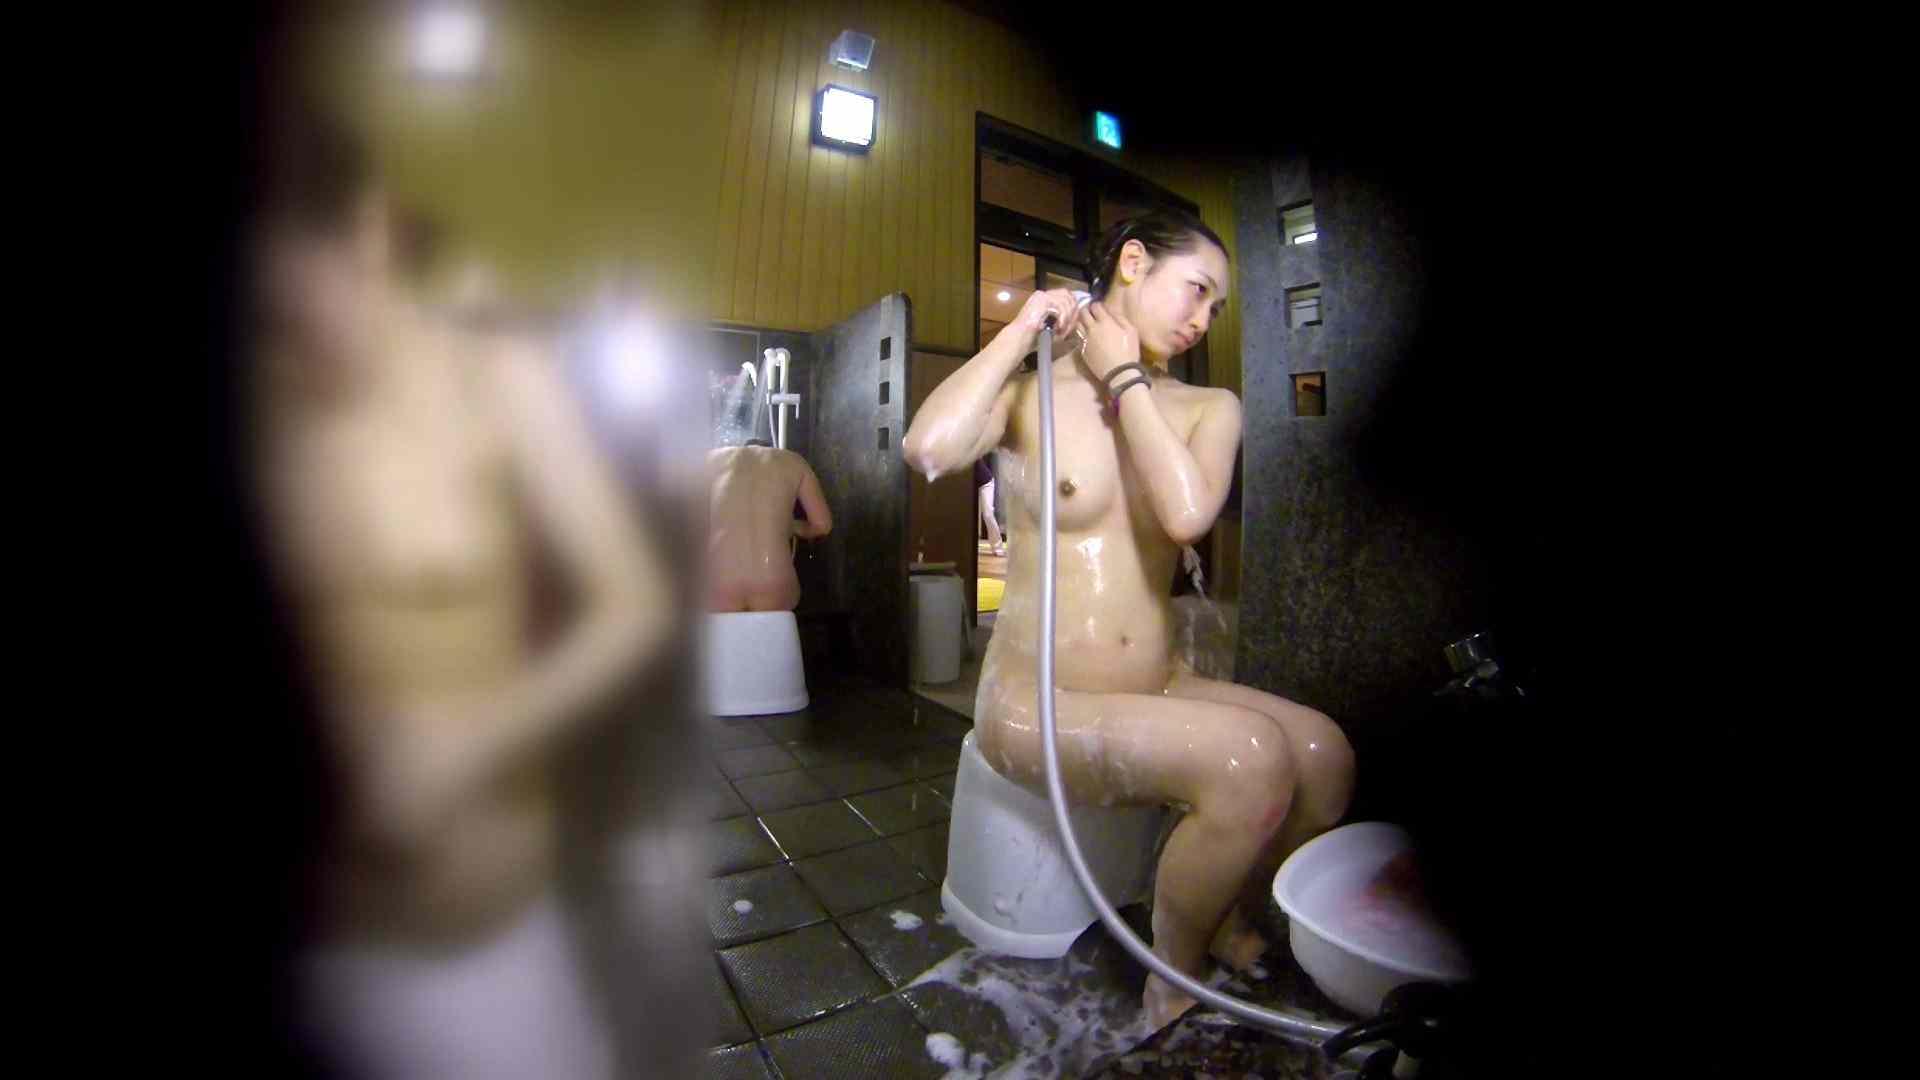 洗い場!チラチラ見てくる理想のボディの清楚さん 女湯のぞき エロ画像 79枚 45